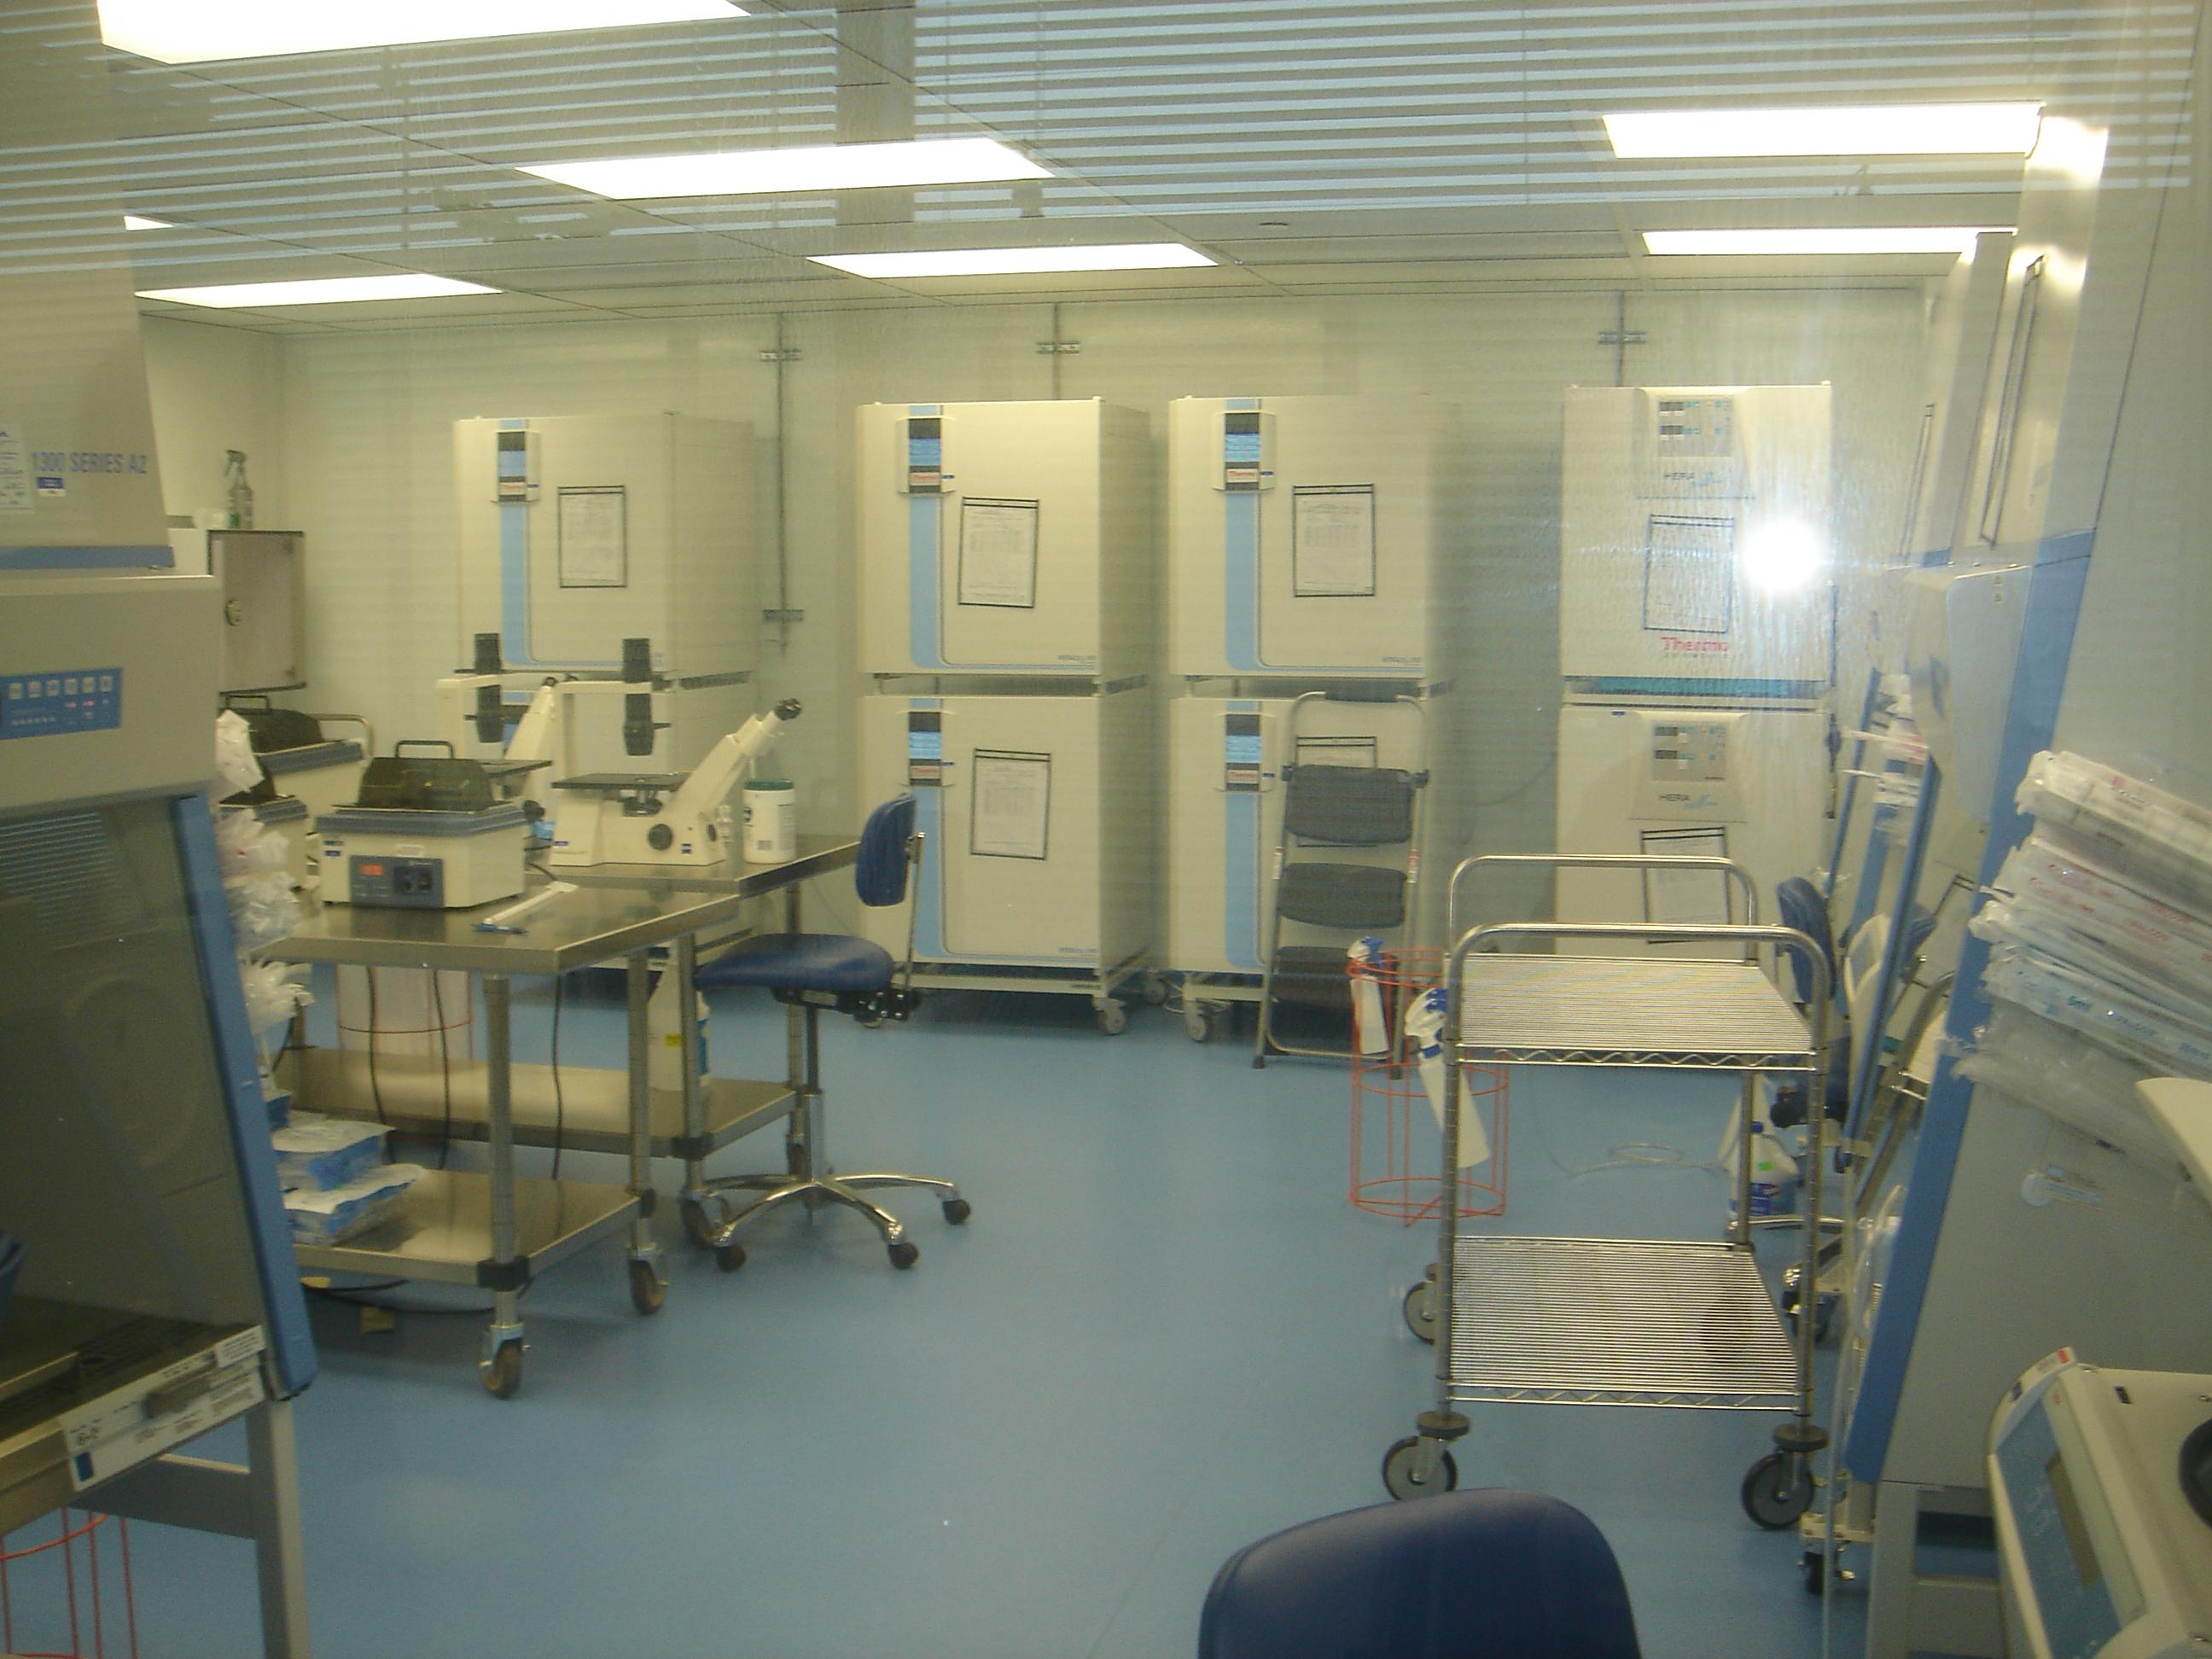 503B Facility